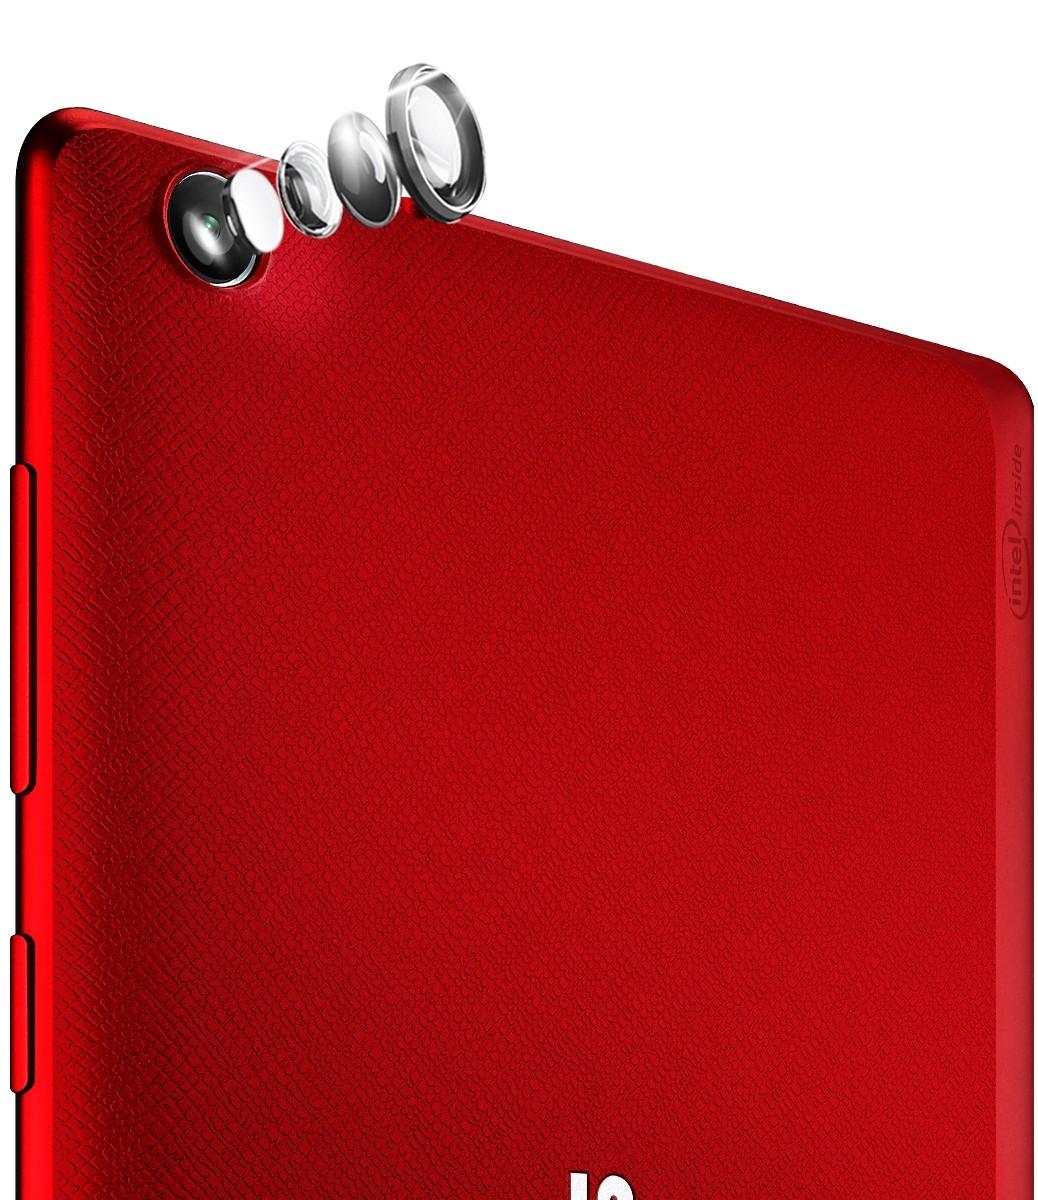 Asus ZenPad C 7 8GB Z170C - купить планшет: цены, отзывы